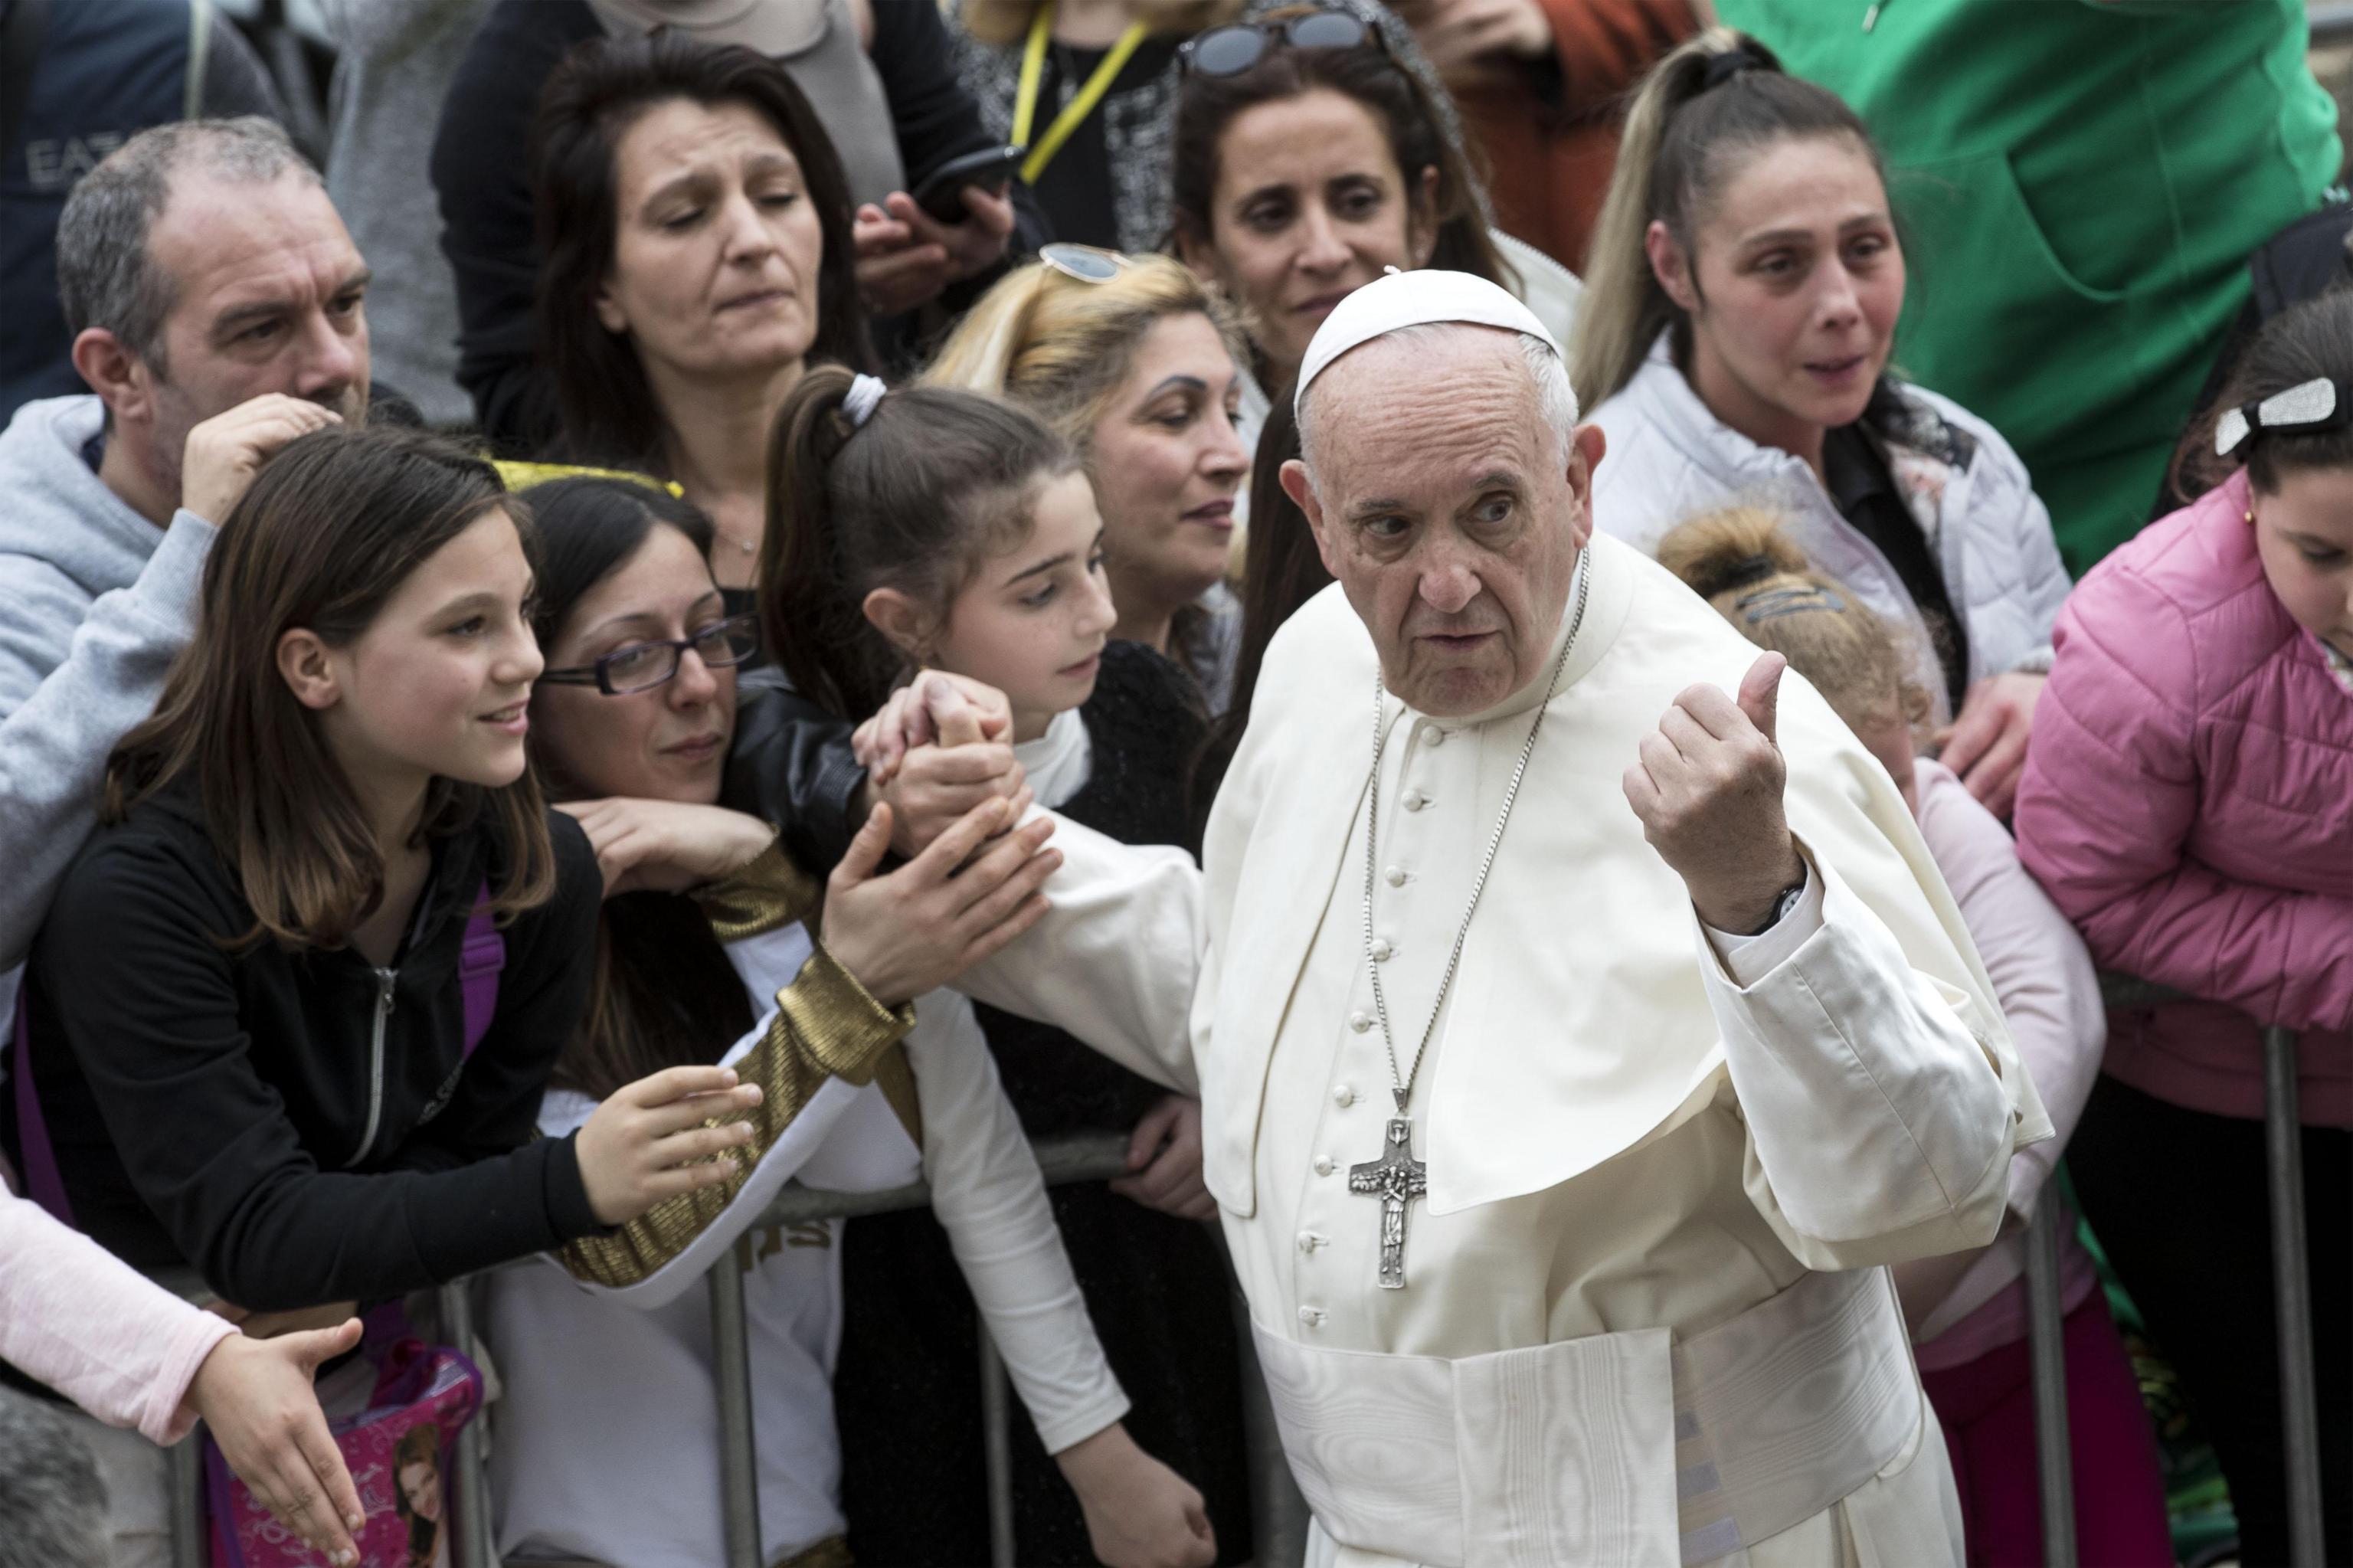 L'abbraccio di Papa Francesco al piccolo Emanuele: 'Tuo papà ora è in cielo'